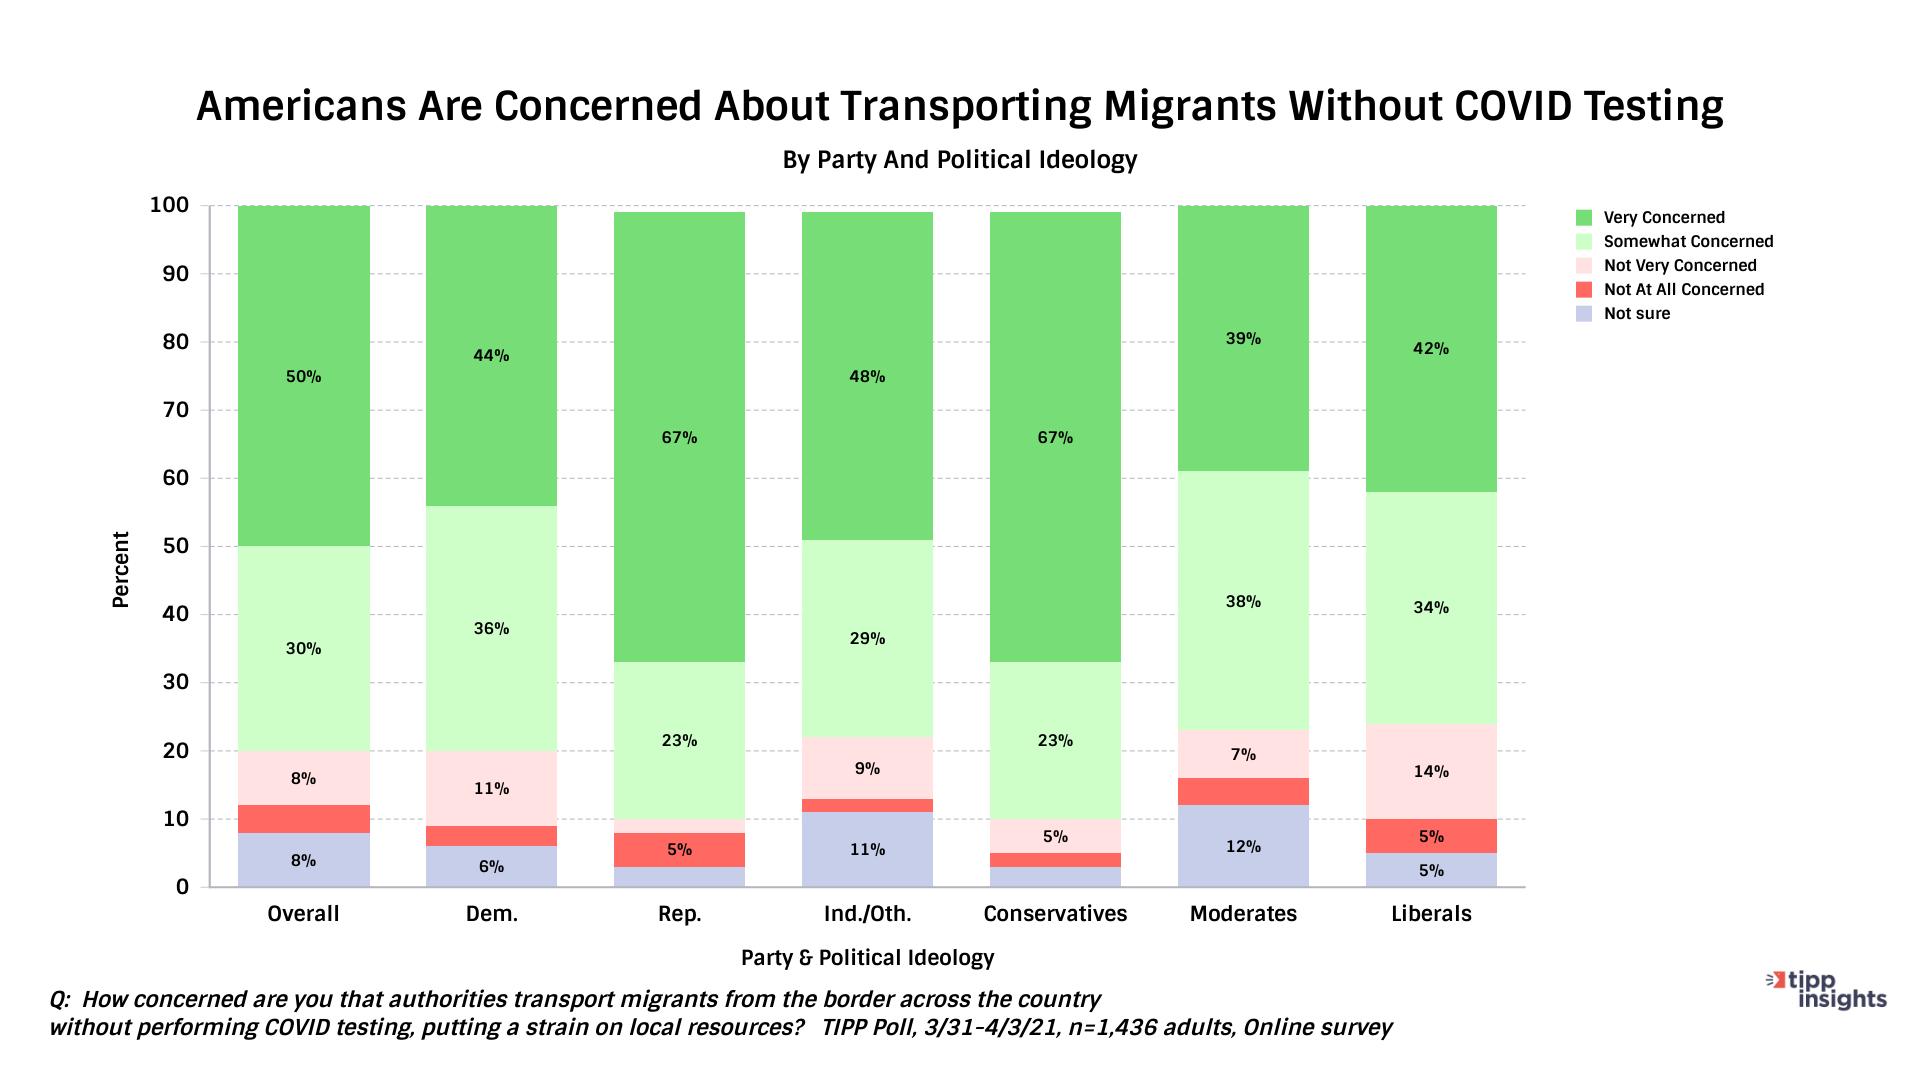 TIPP Transportation of Migrants at U.S. Border - Chart